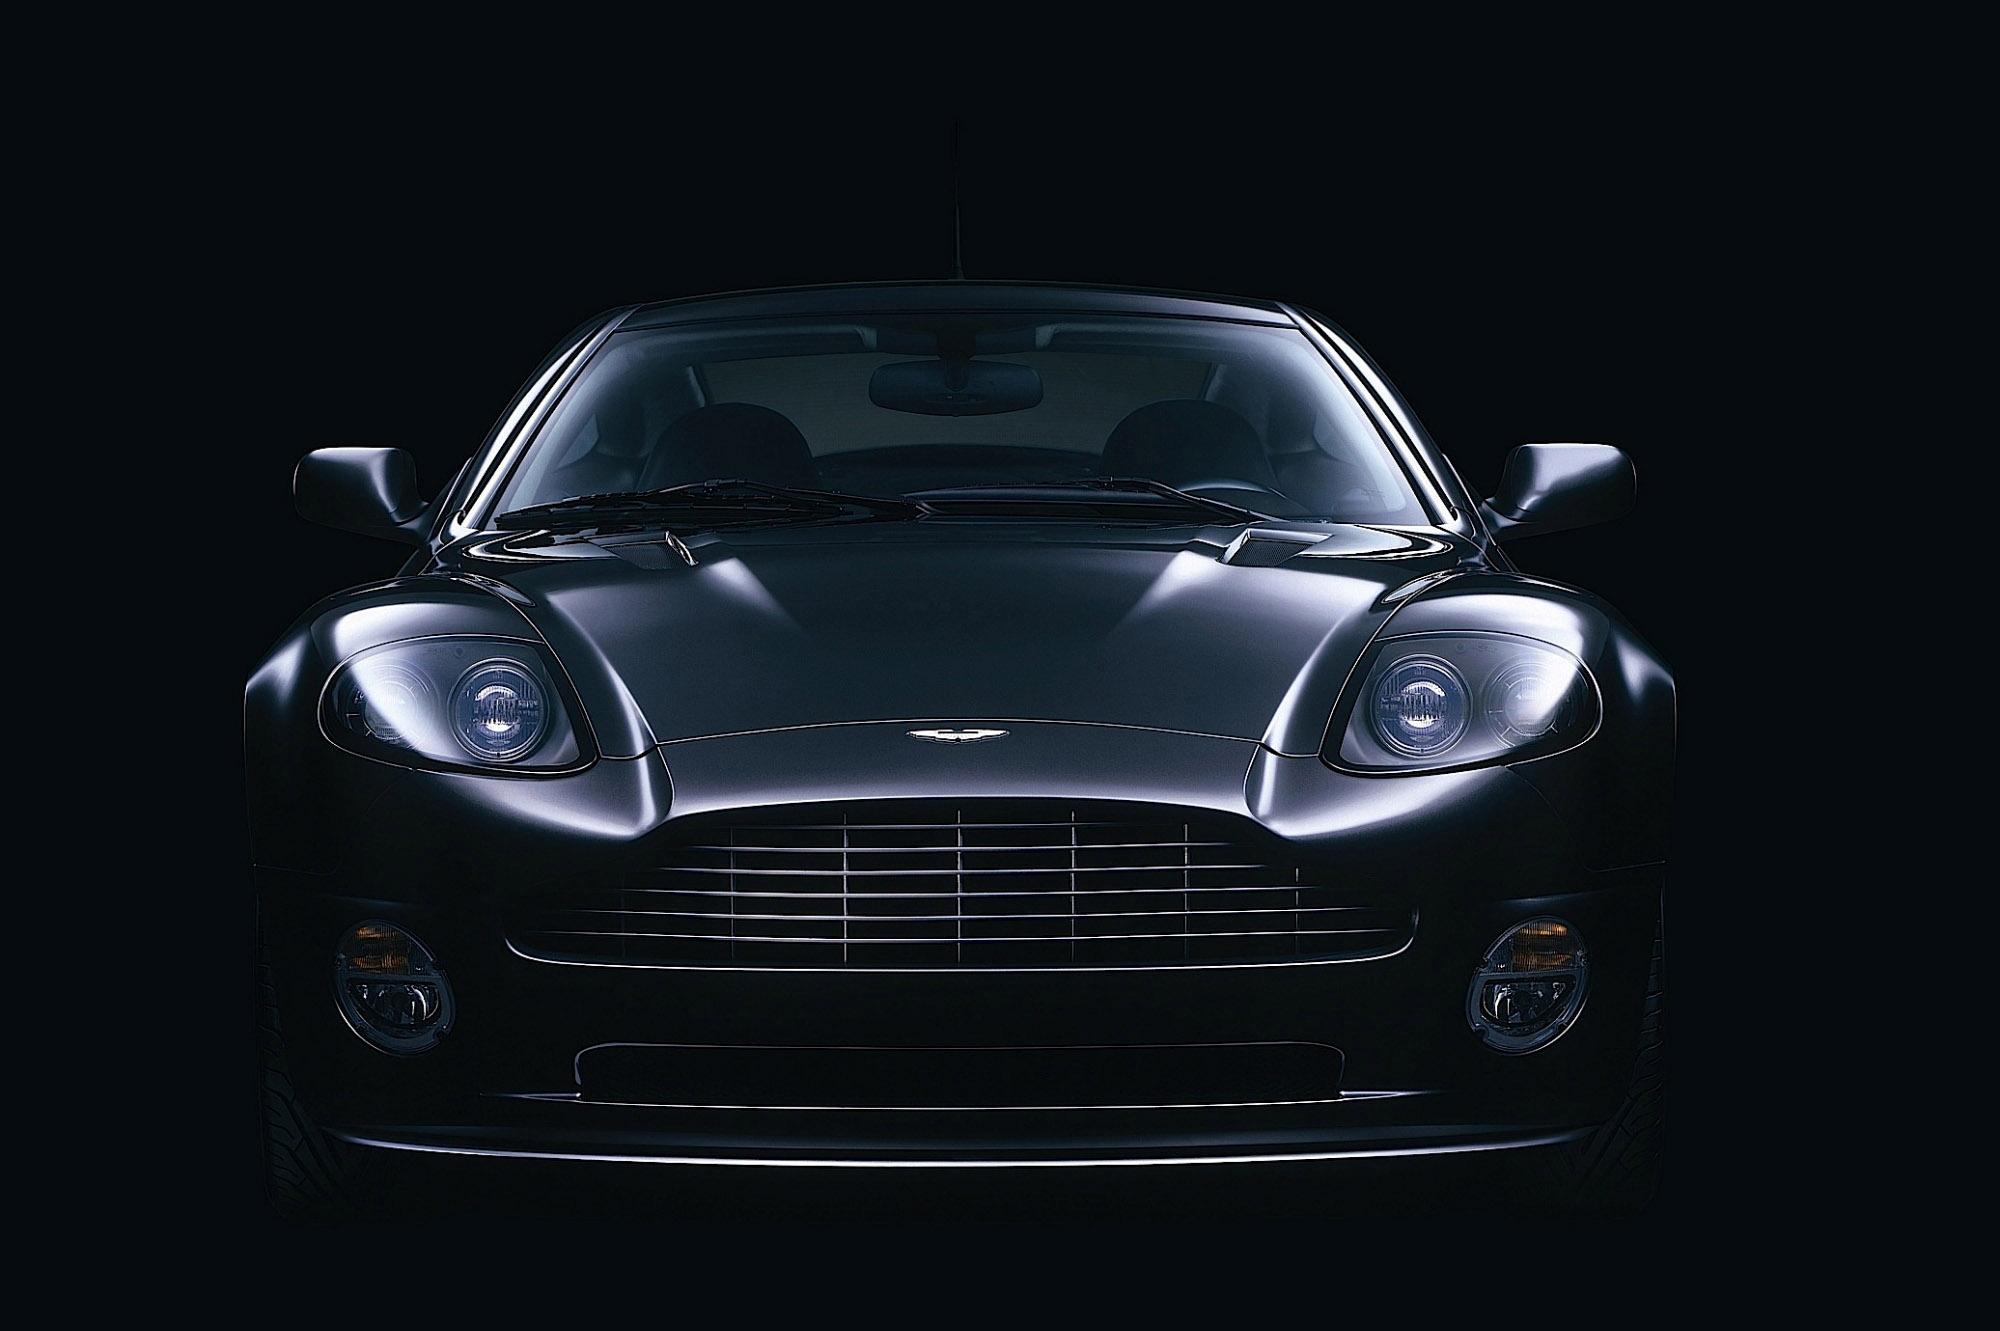 Aston Martin Vanquish S V12 photo #1